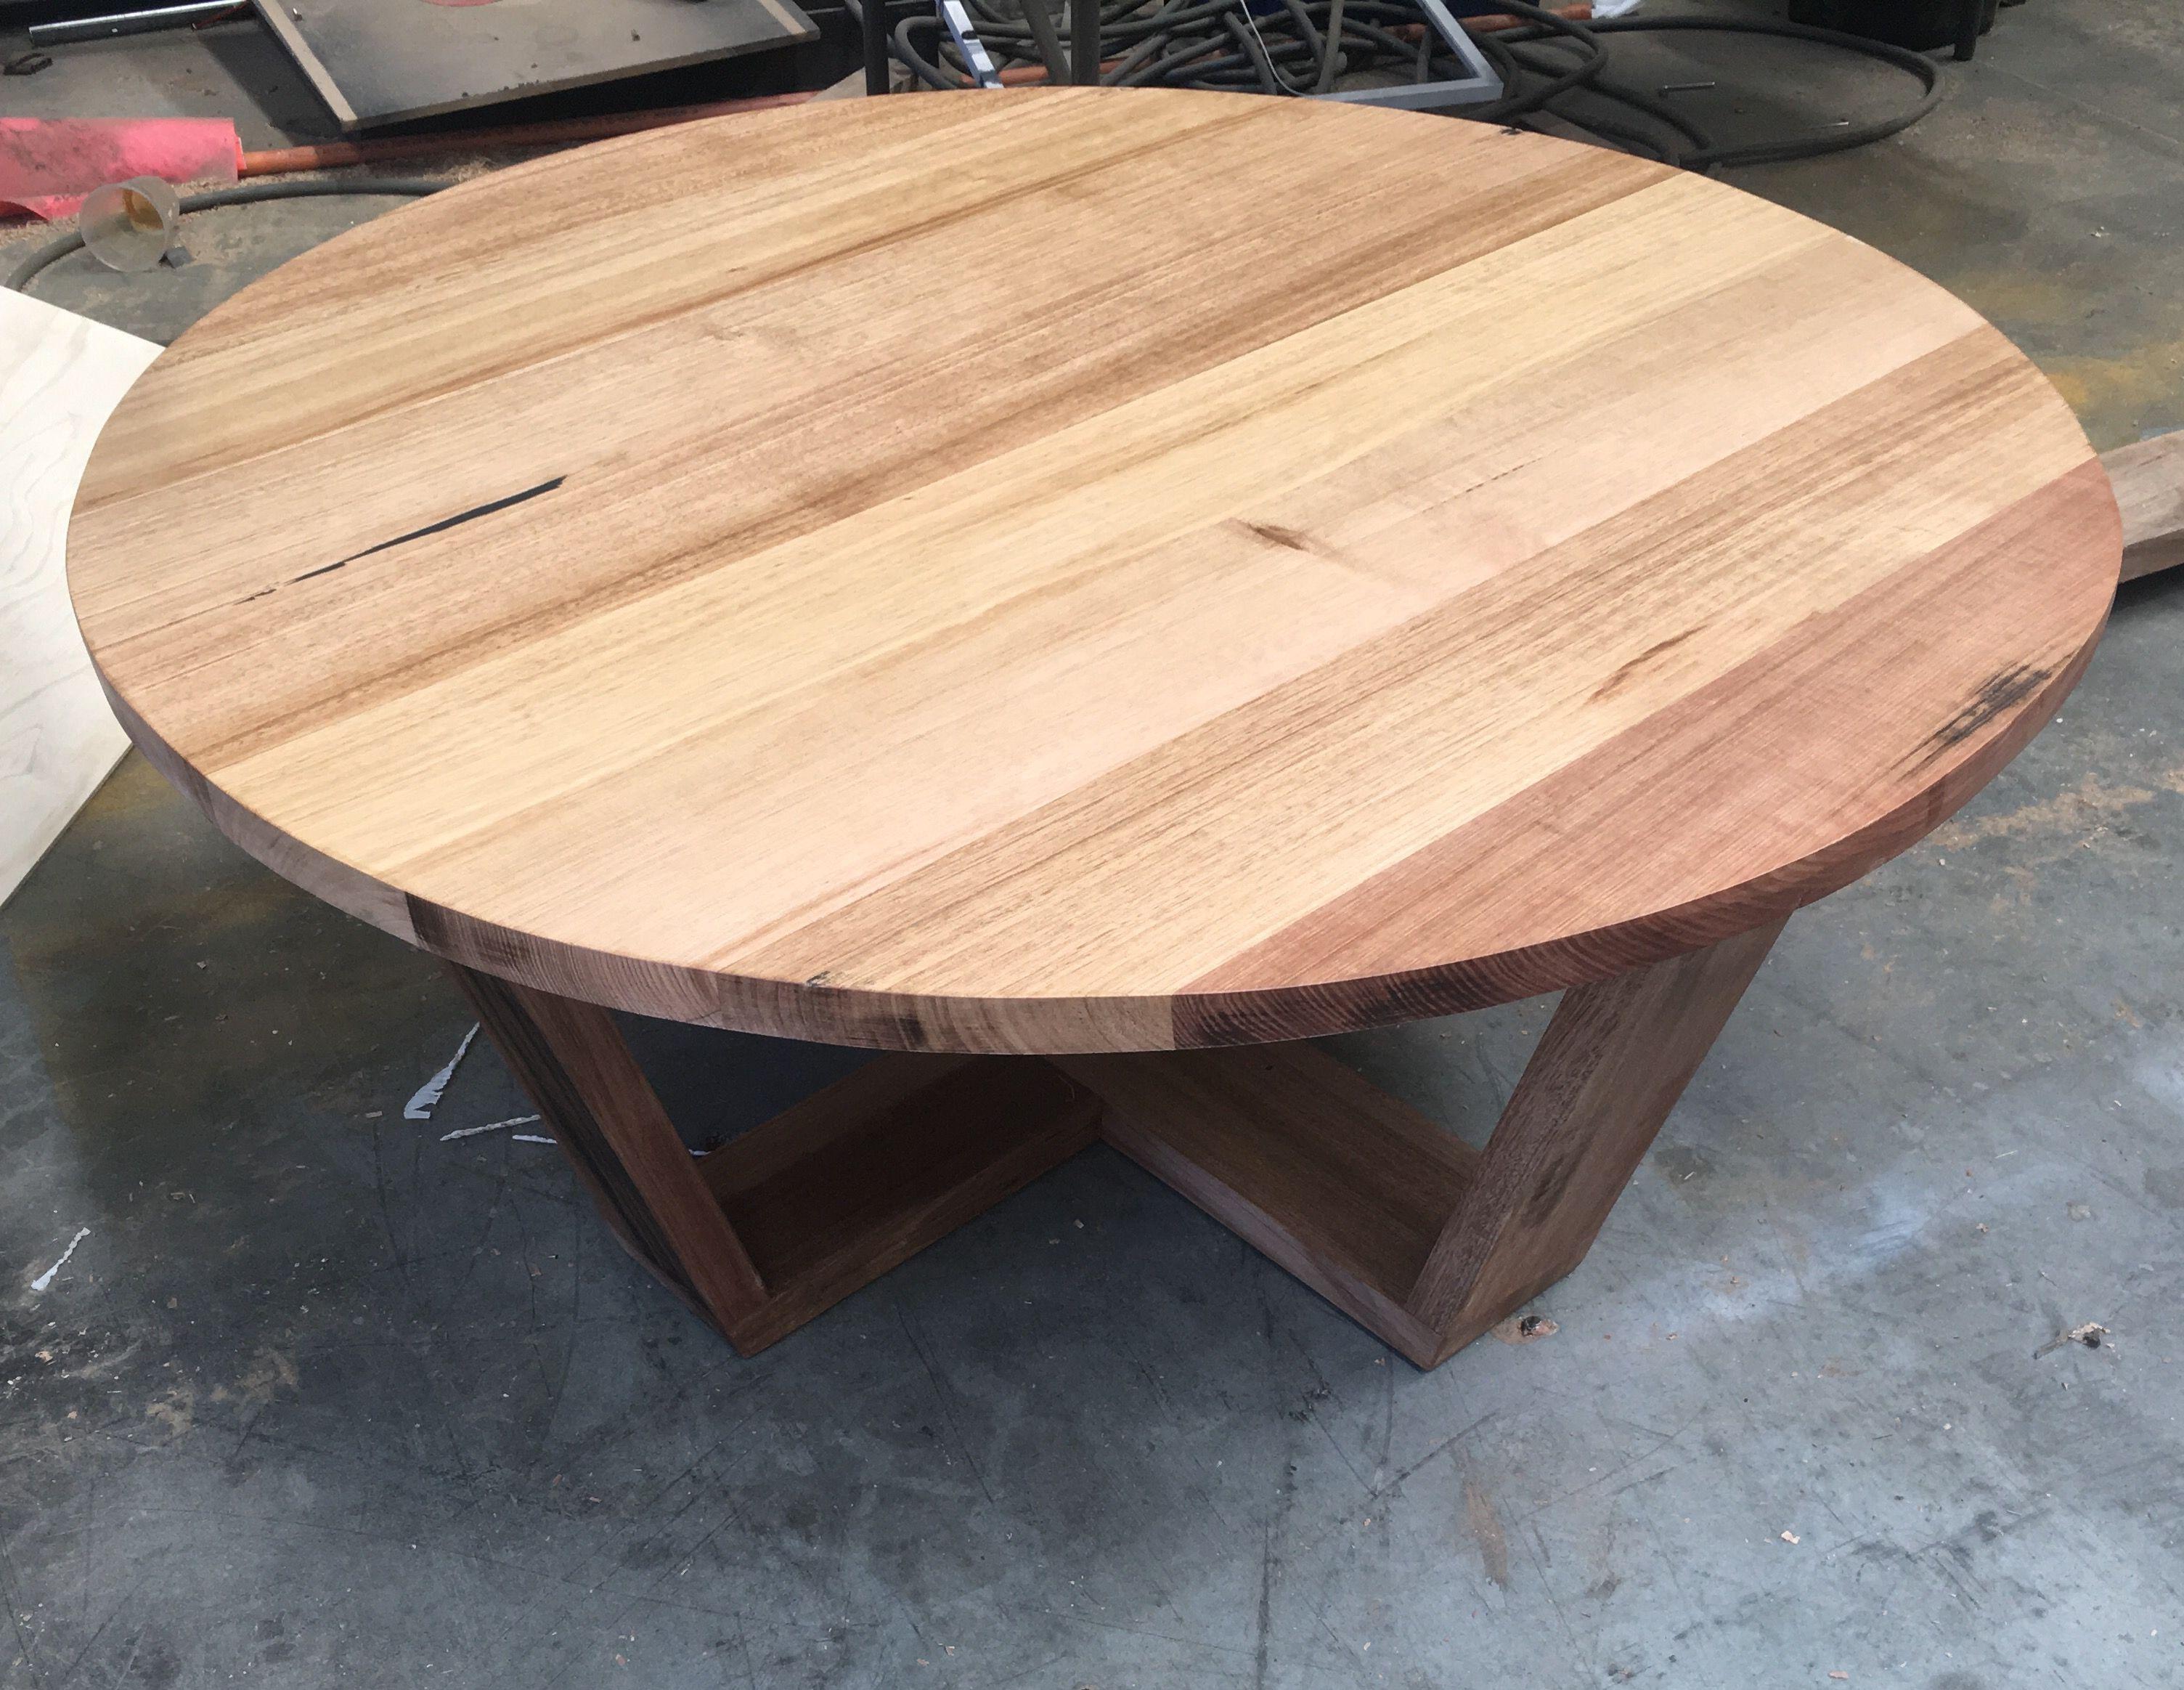 1m Diameter Recycled Tasmanian Oak Round Coffee Table Made By  Www.recycledtimberfurnitureoz.com